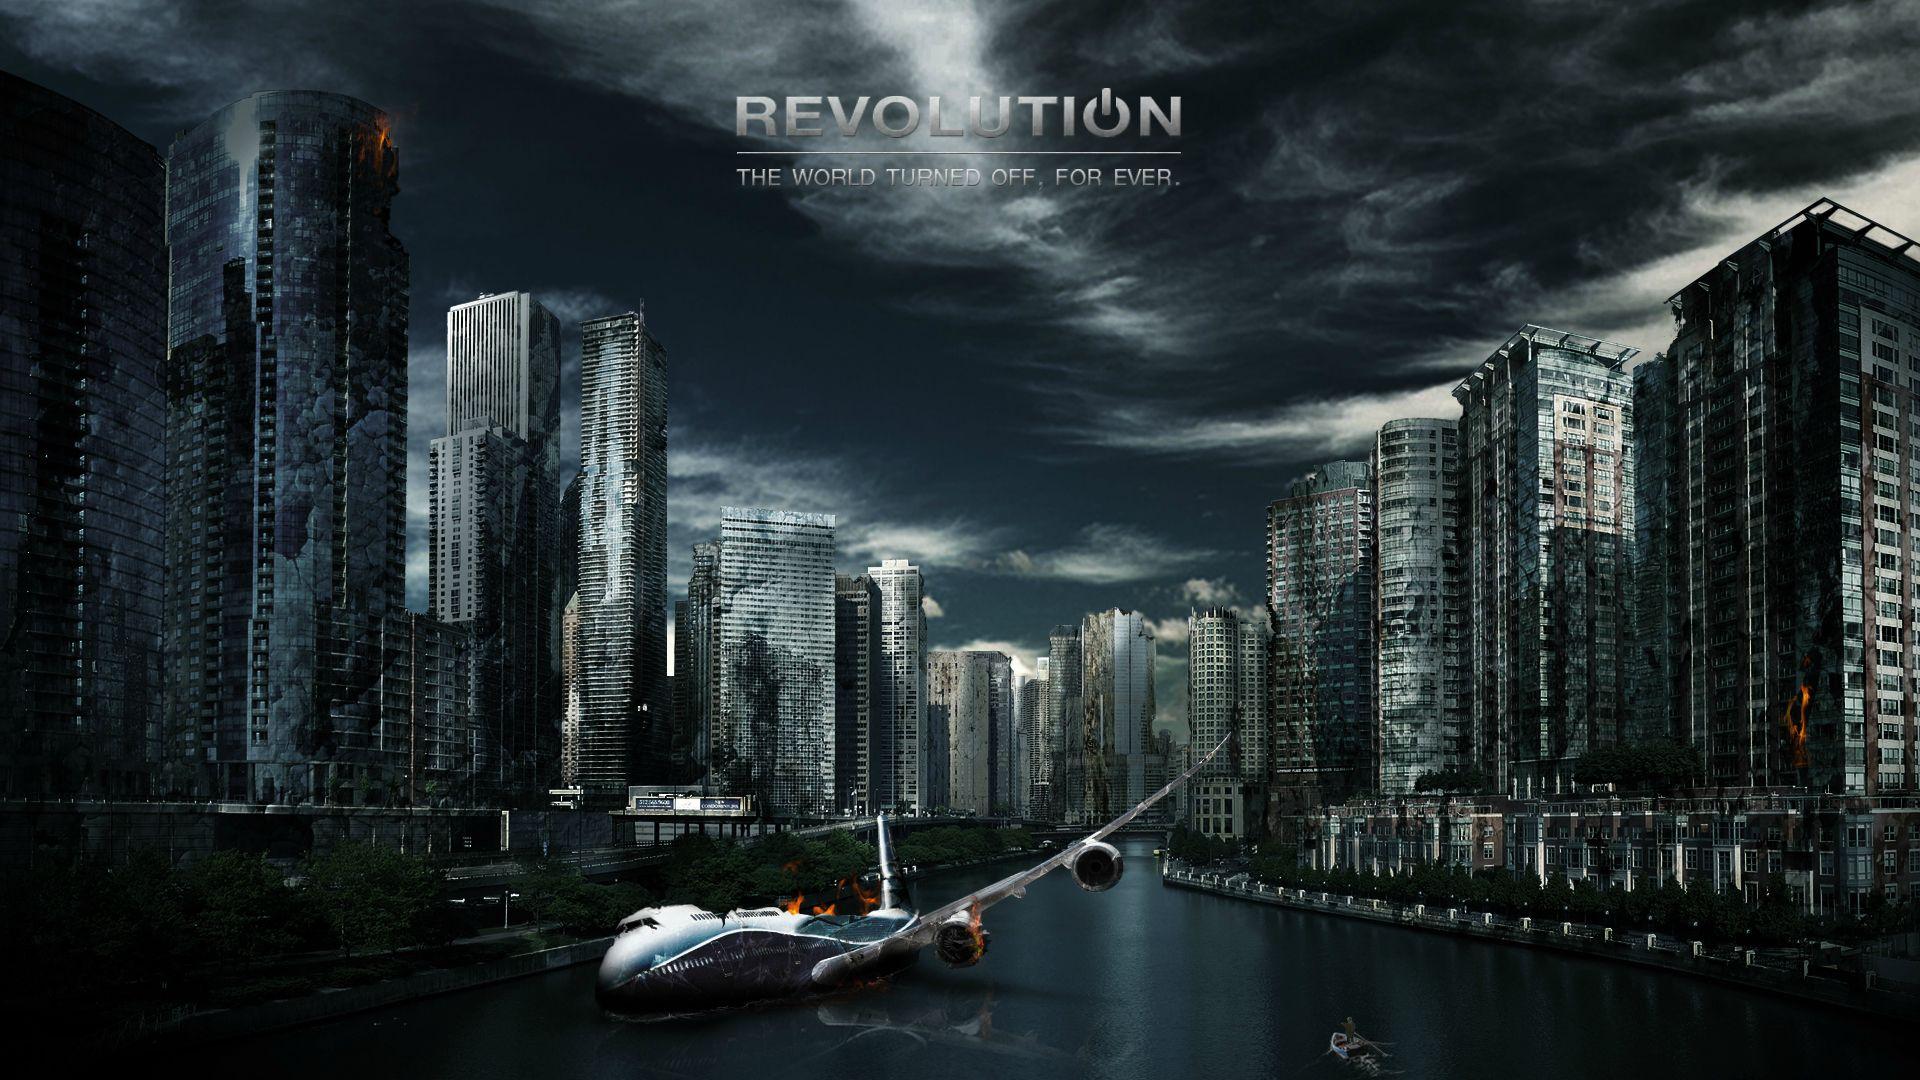 Revolution wallpaper 1